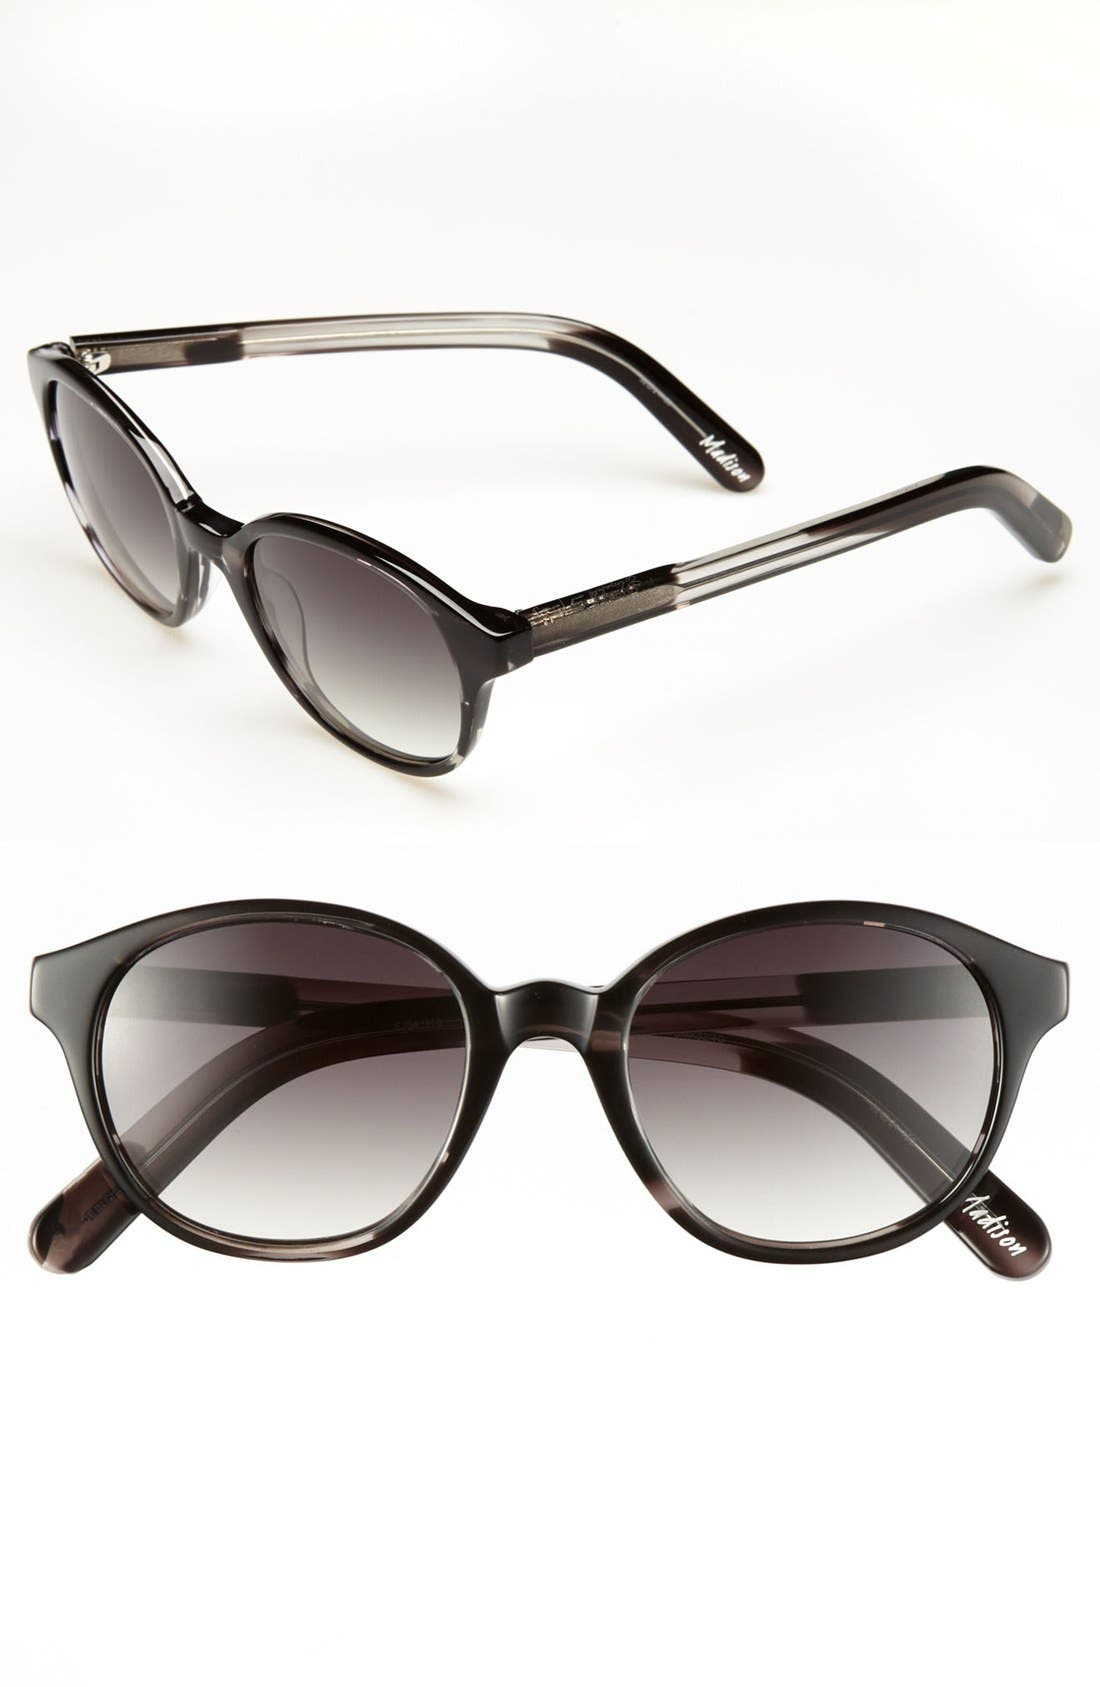 Main Image - Elizabeth and James 'Madison' 52mm Keyhole Sunglasses